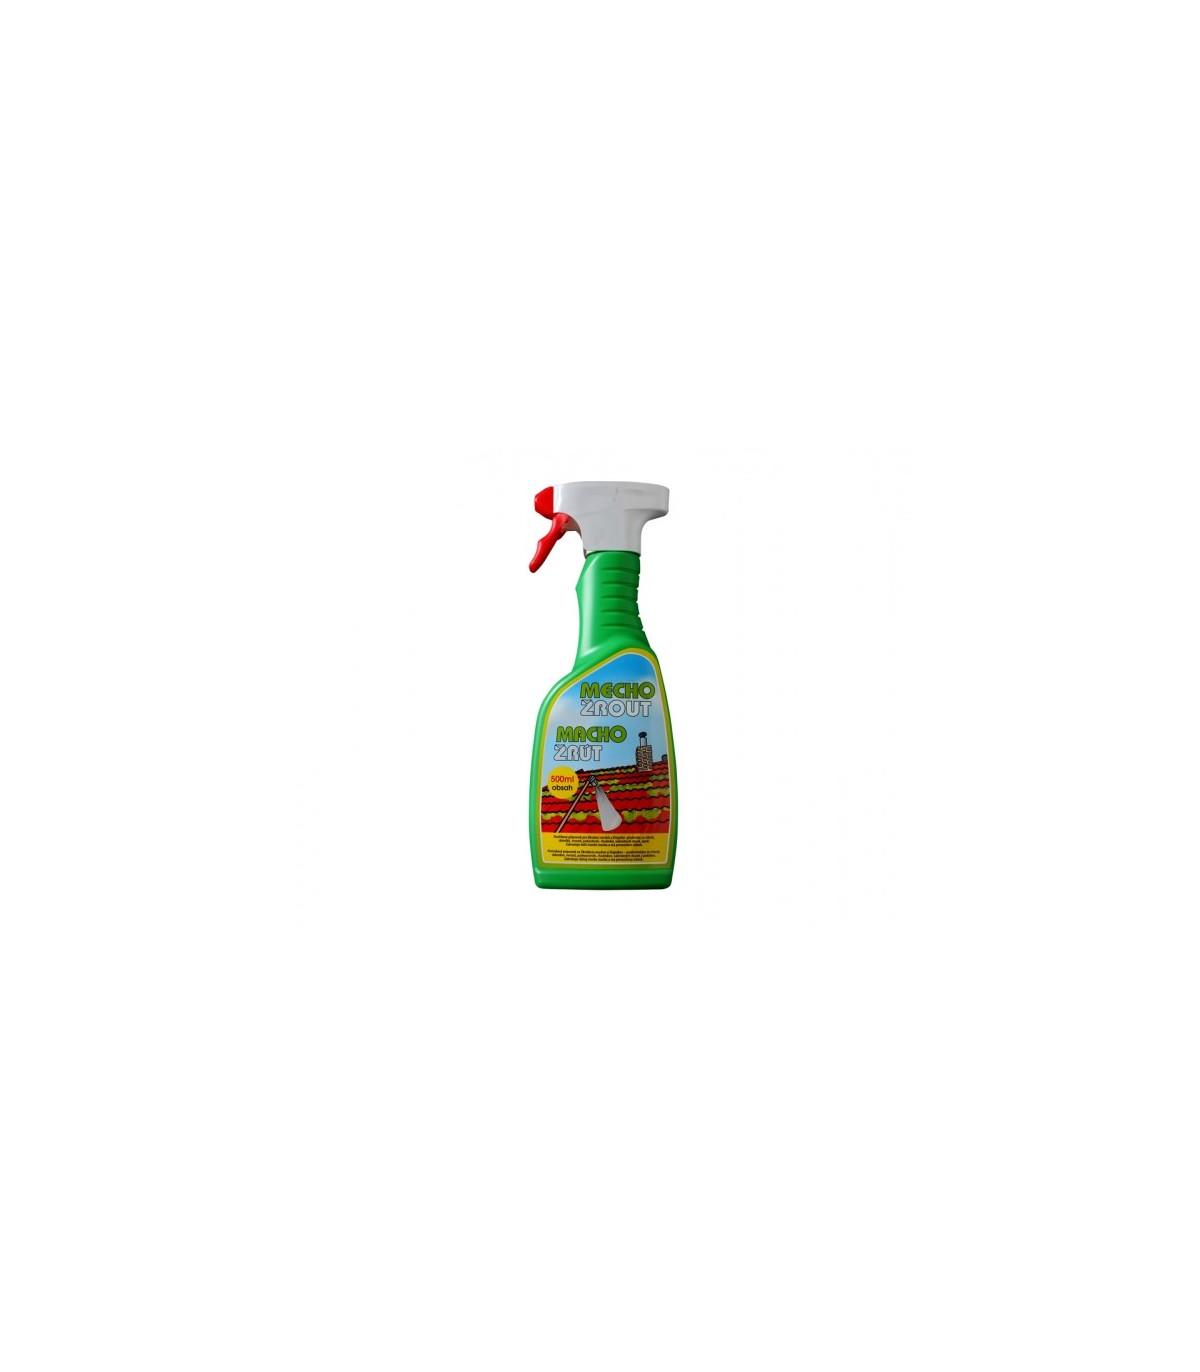 Machožrút - postrekový prípravok proti machu - ochrana rastlín - 500 ml